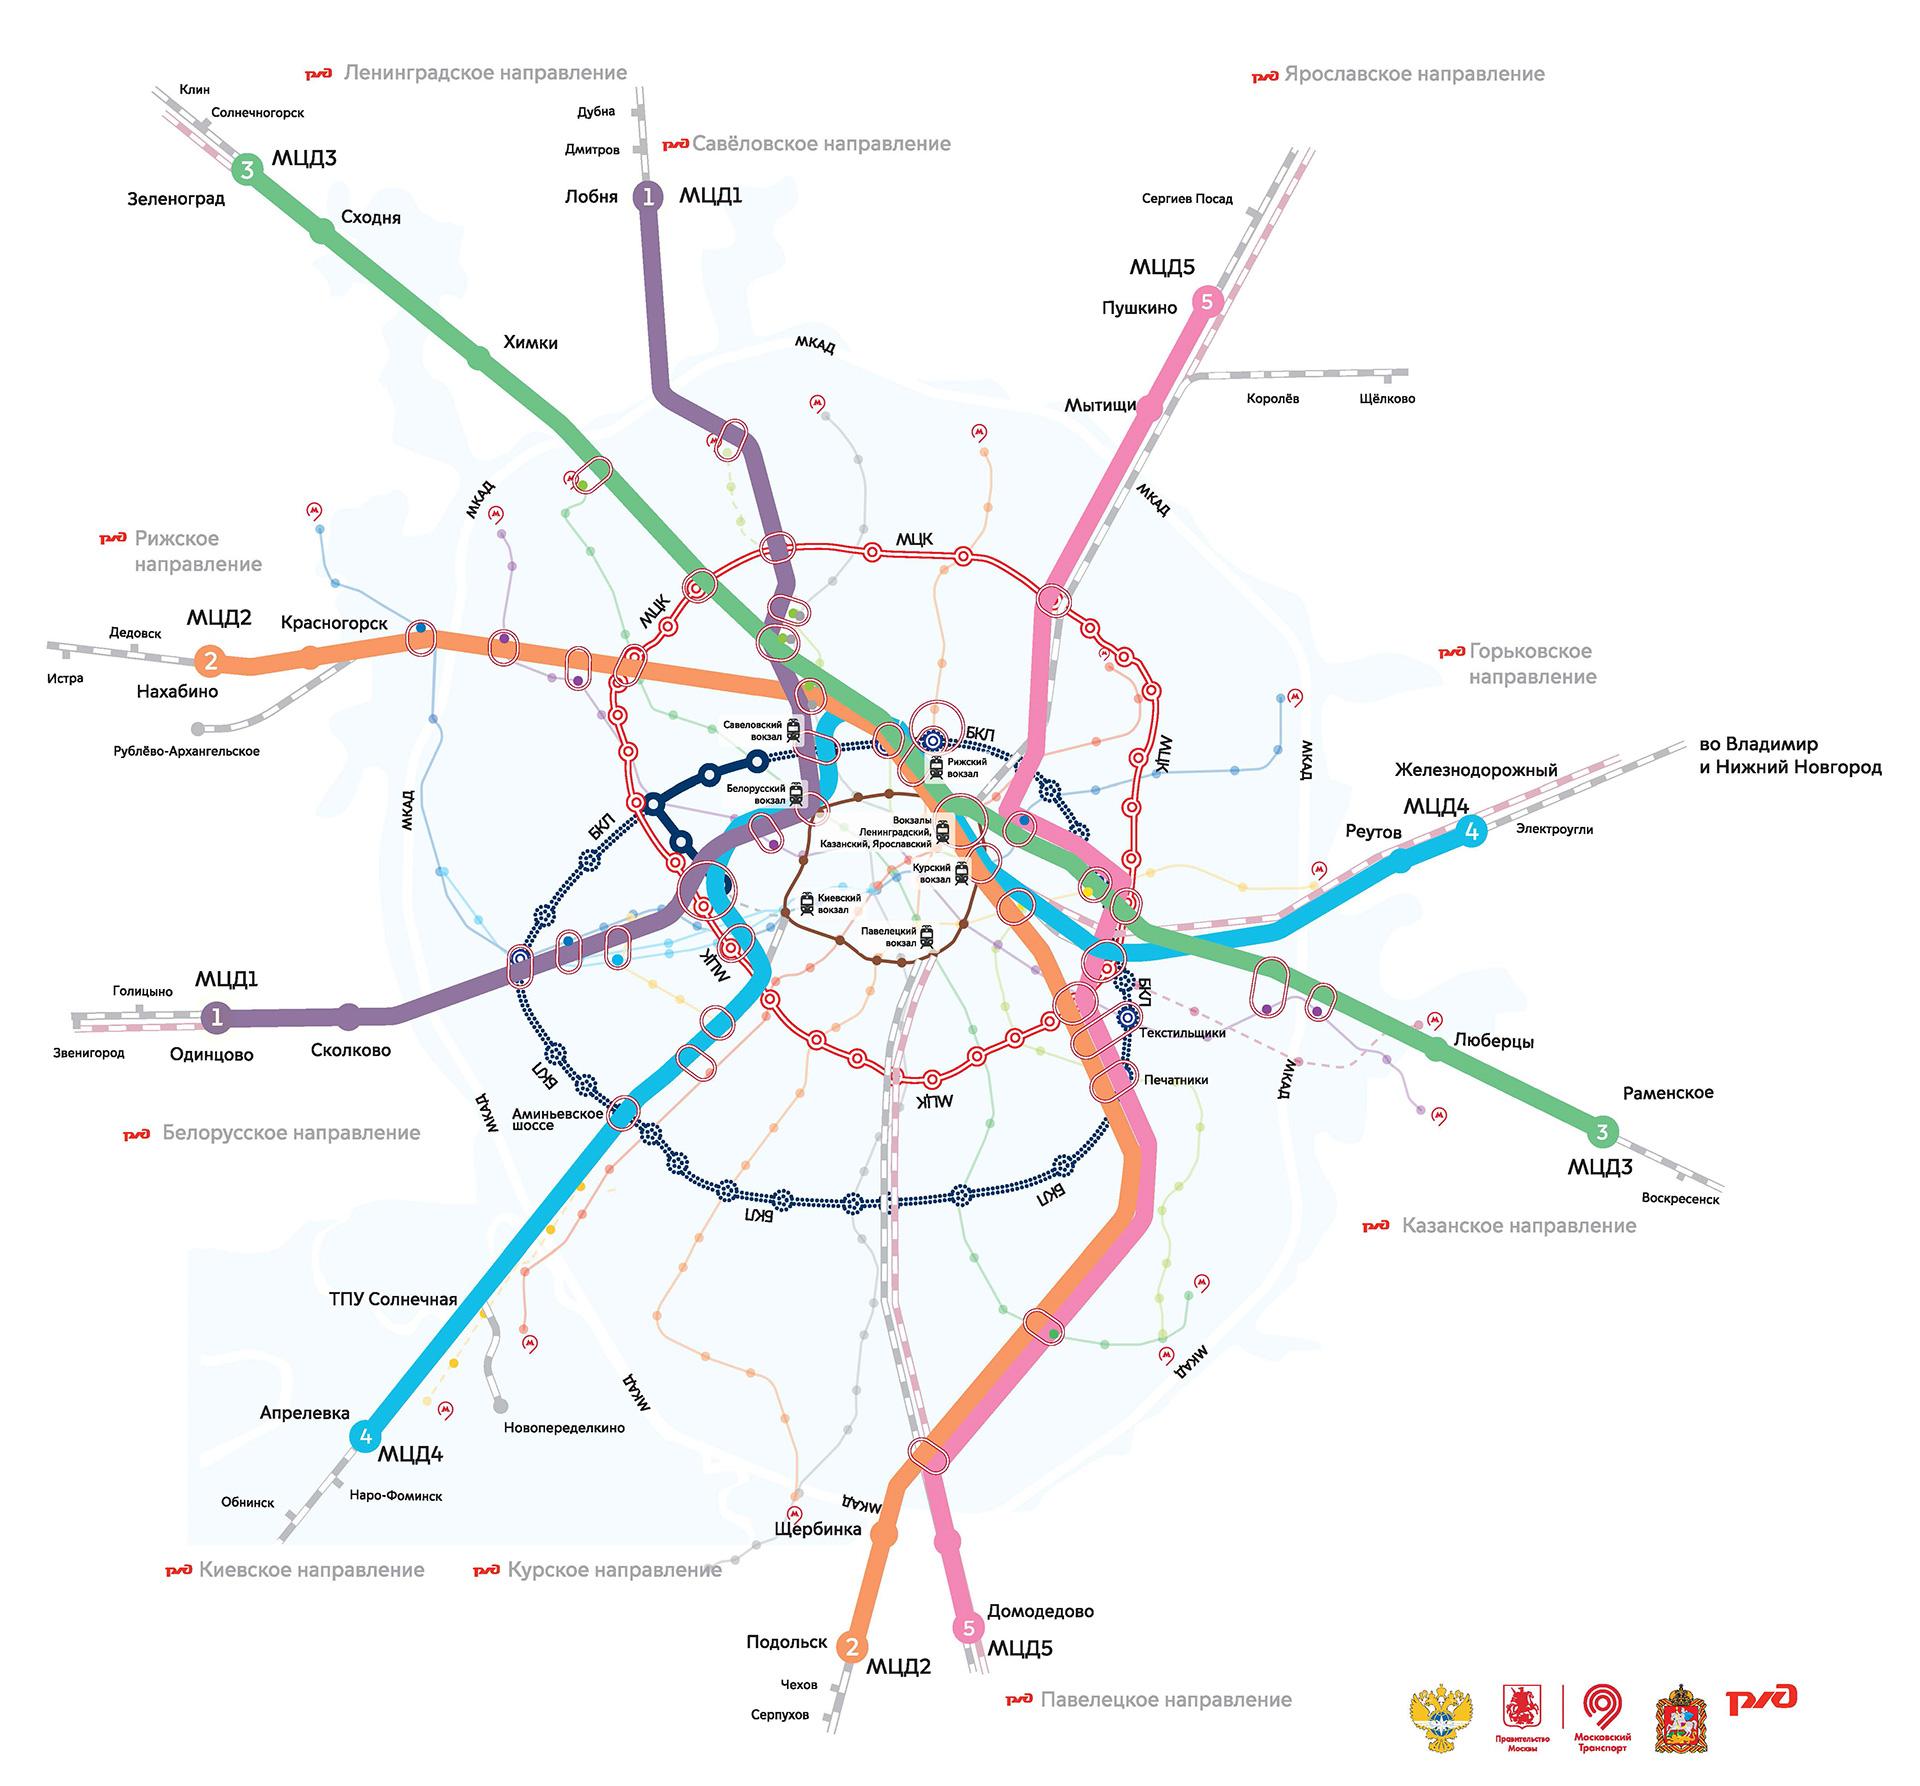 Электричка - это общественный транспорт. познавательная информация об электропоездах